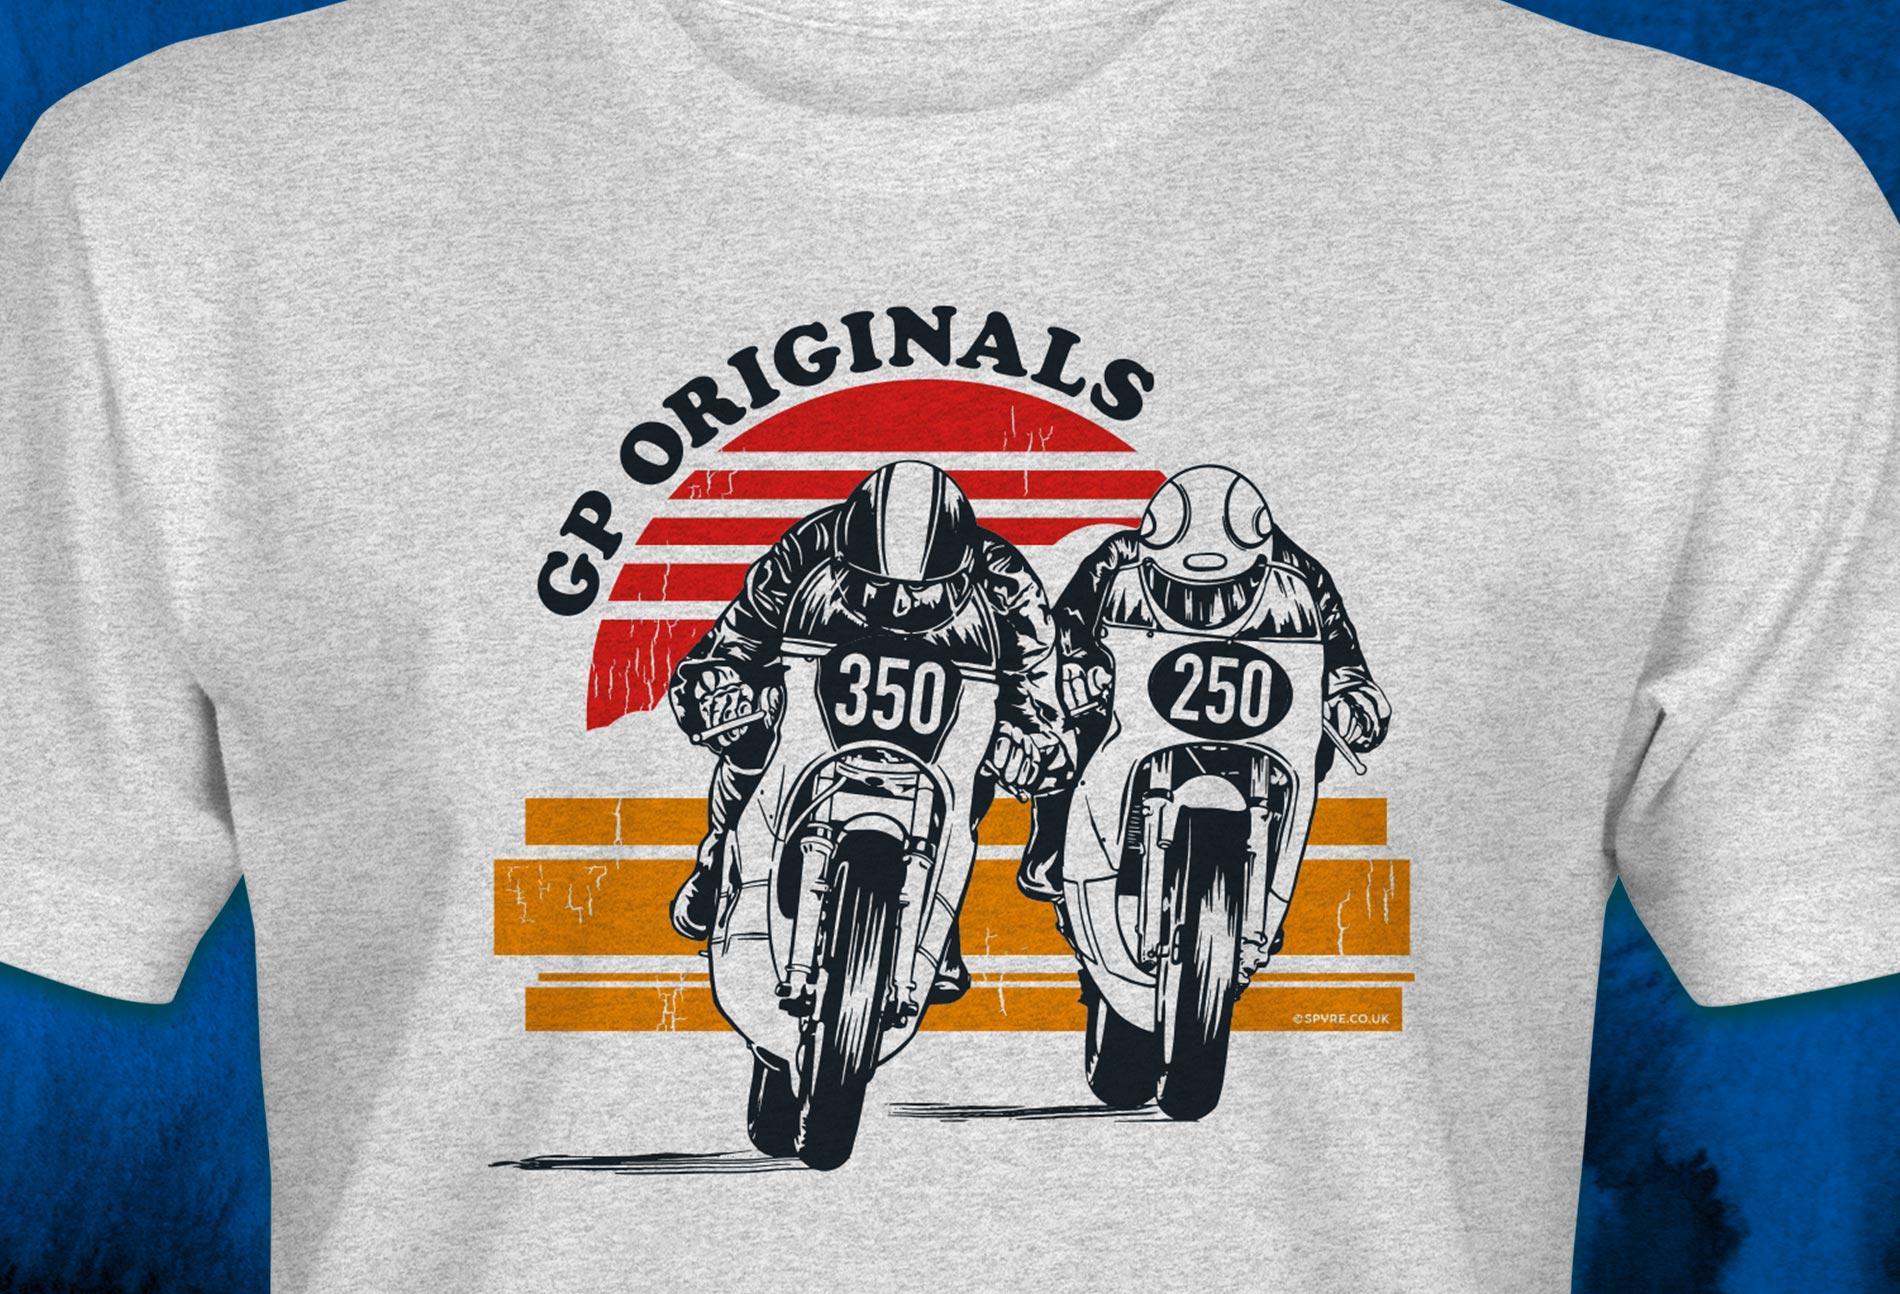 Vintage Yamaha t-shirt design for GP Originals racing